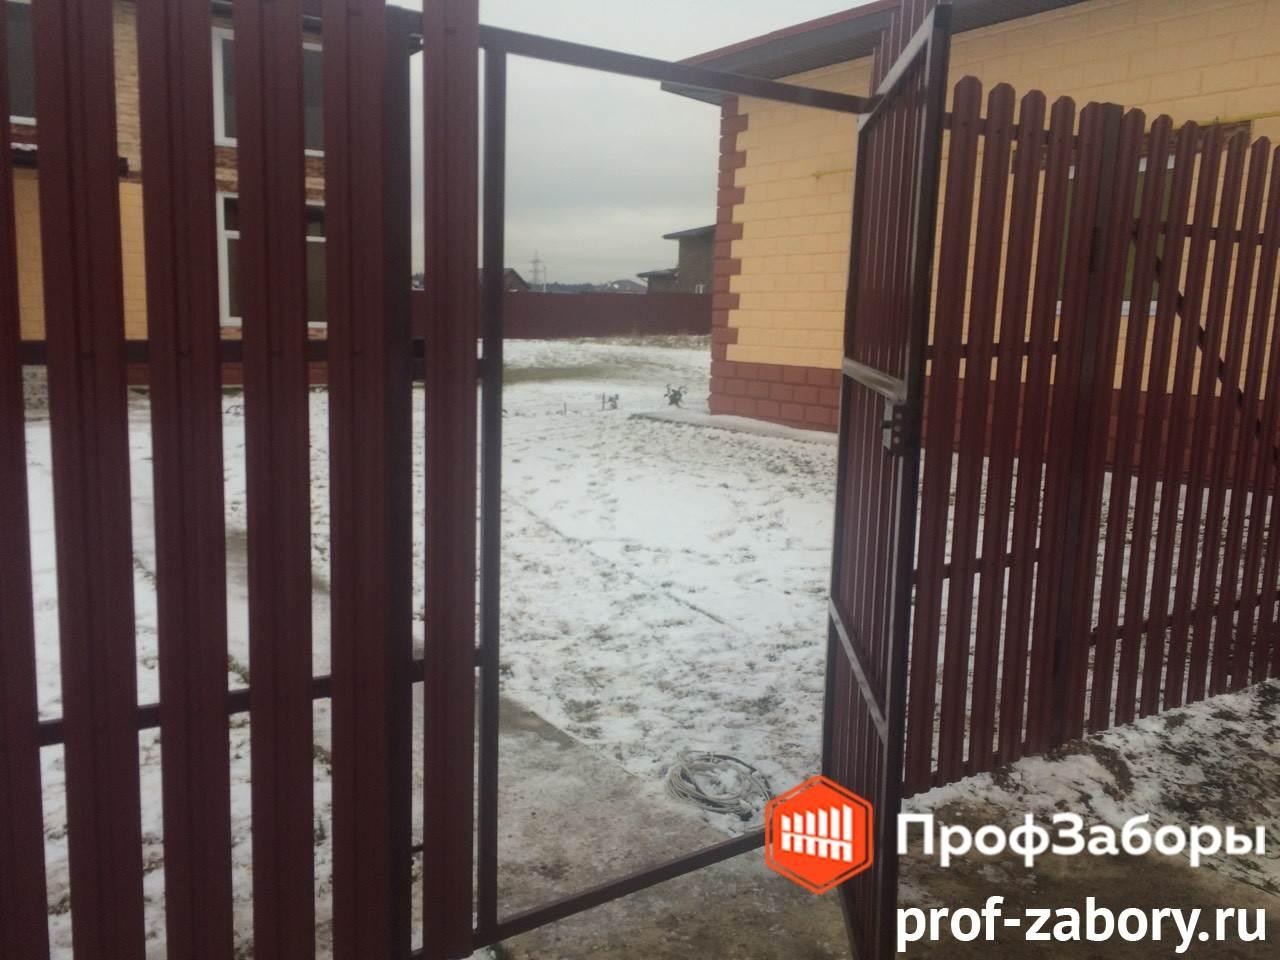 Заборы Из евроштакетника - Город Ивантеевка. Фото 3